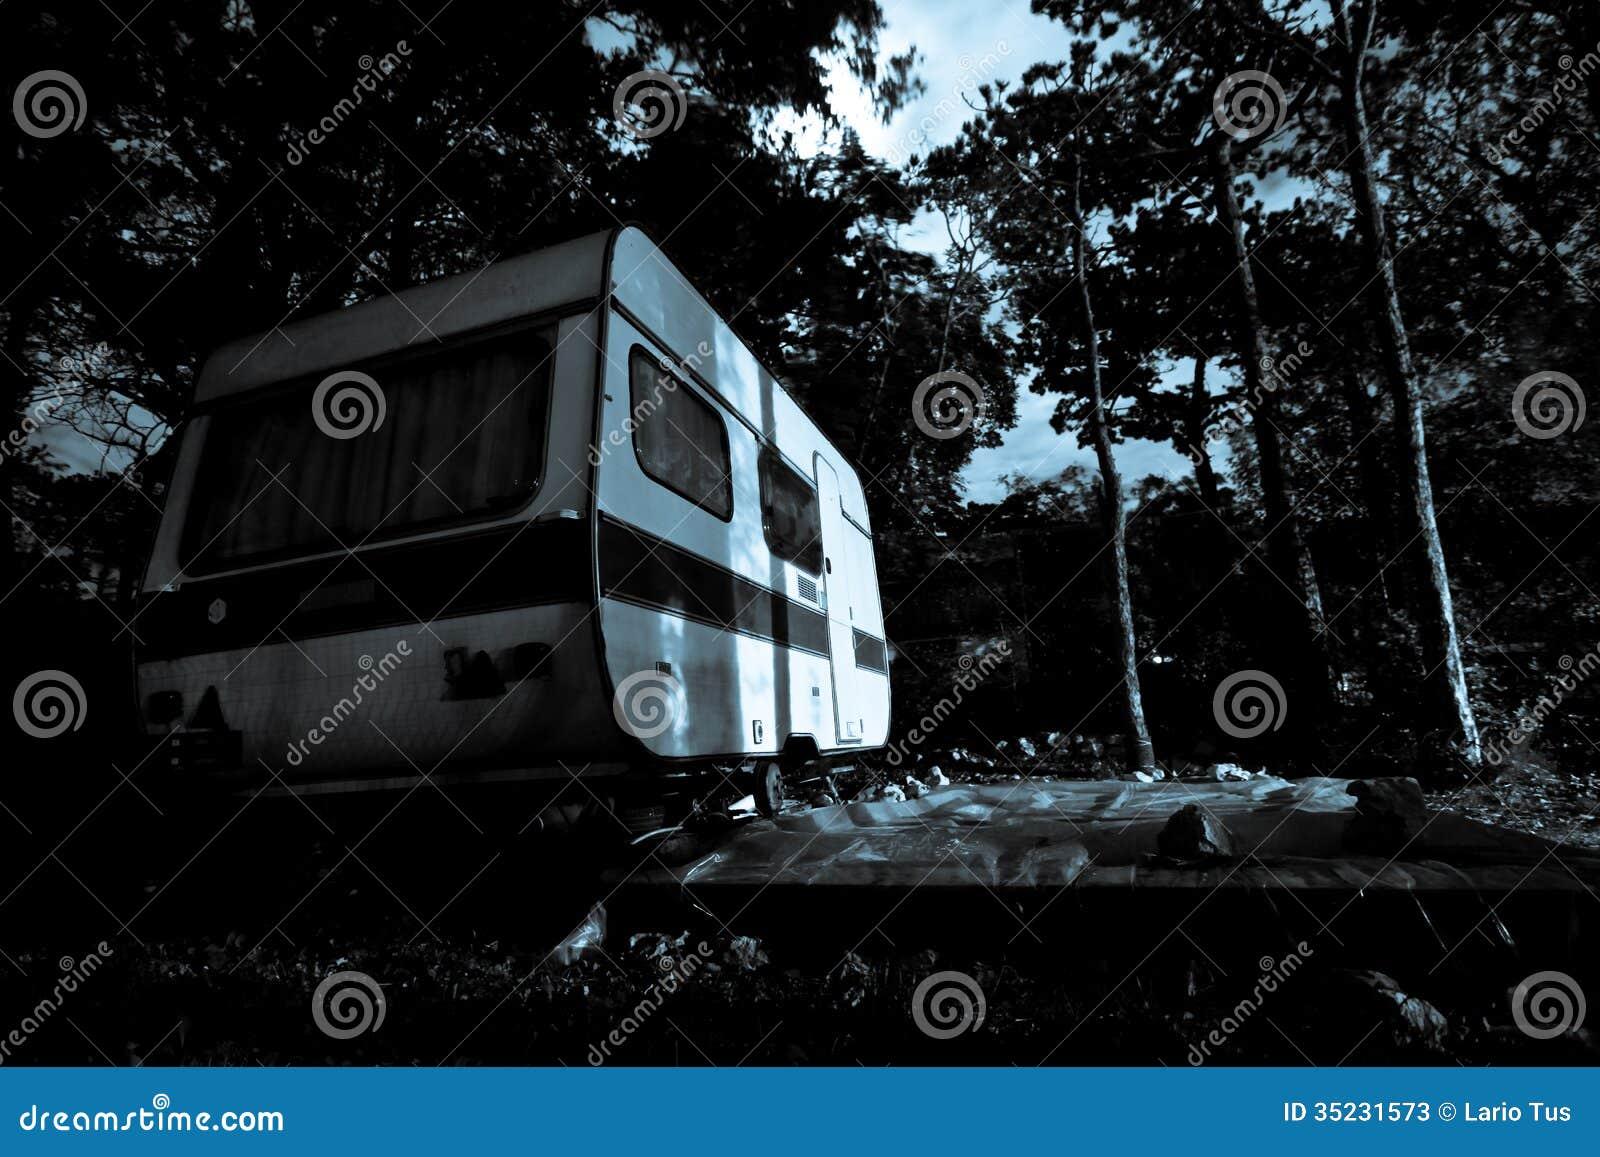 Винтажный жилой фургон - предпосылка для сцены ужаса